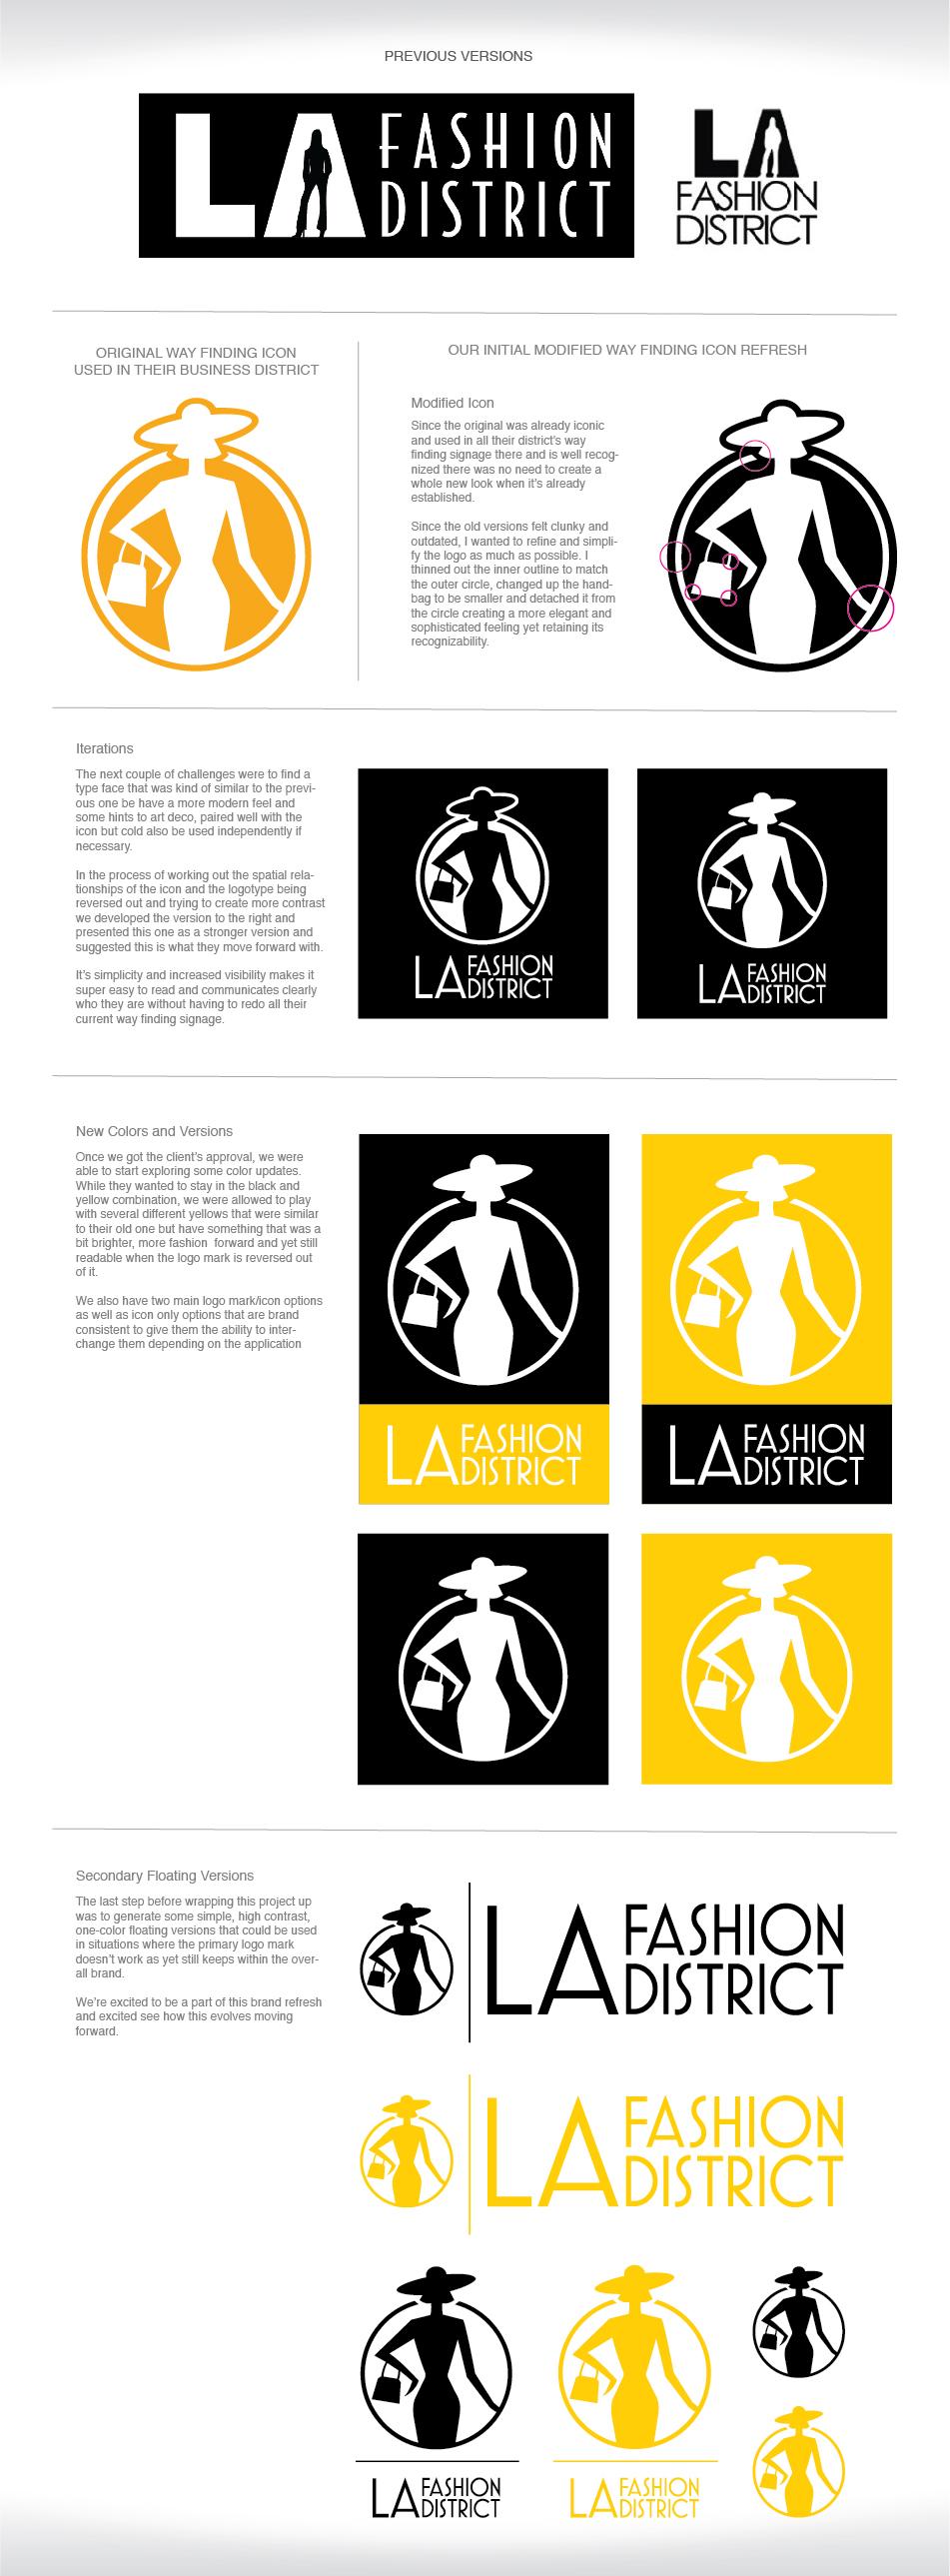 L.A. Fashion District Brand Refresh - Slide